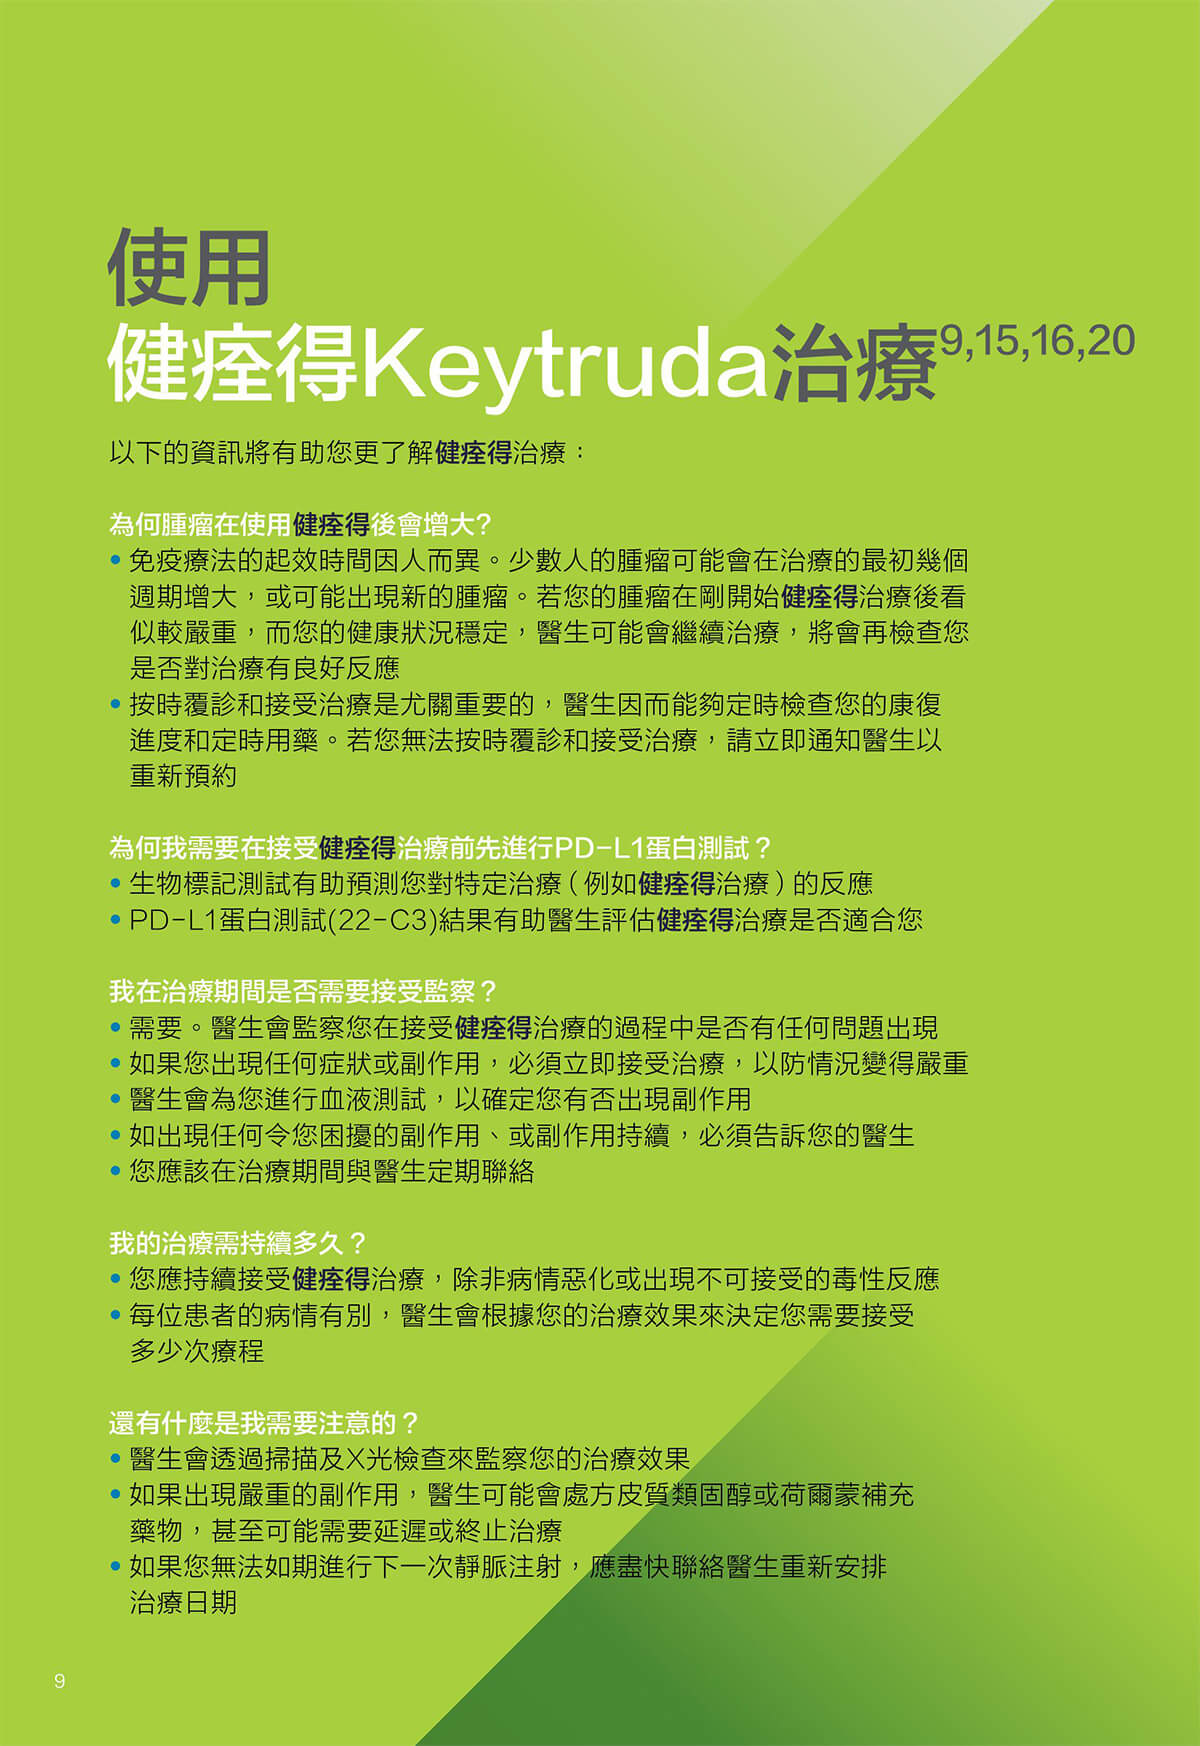 keytruda9.jpg